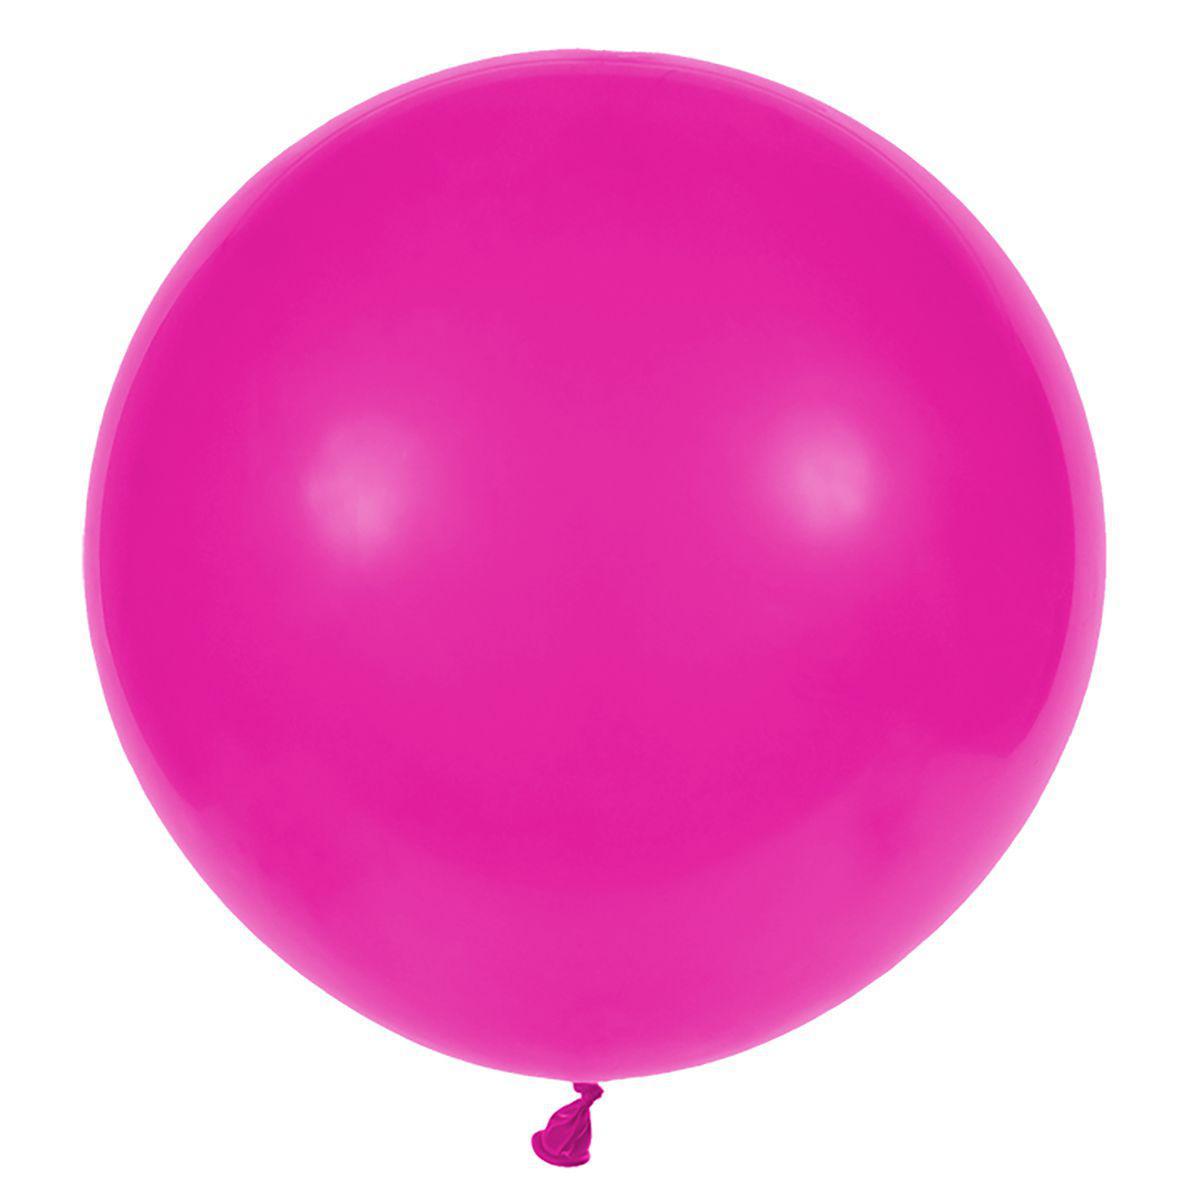 Латексные воздушные шары G220_07 Gemar Италия, расцветка: пастель фукция малиновый, Диаметр 31 дюйм/80 см, 25